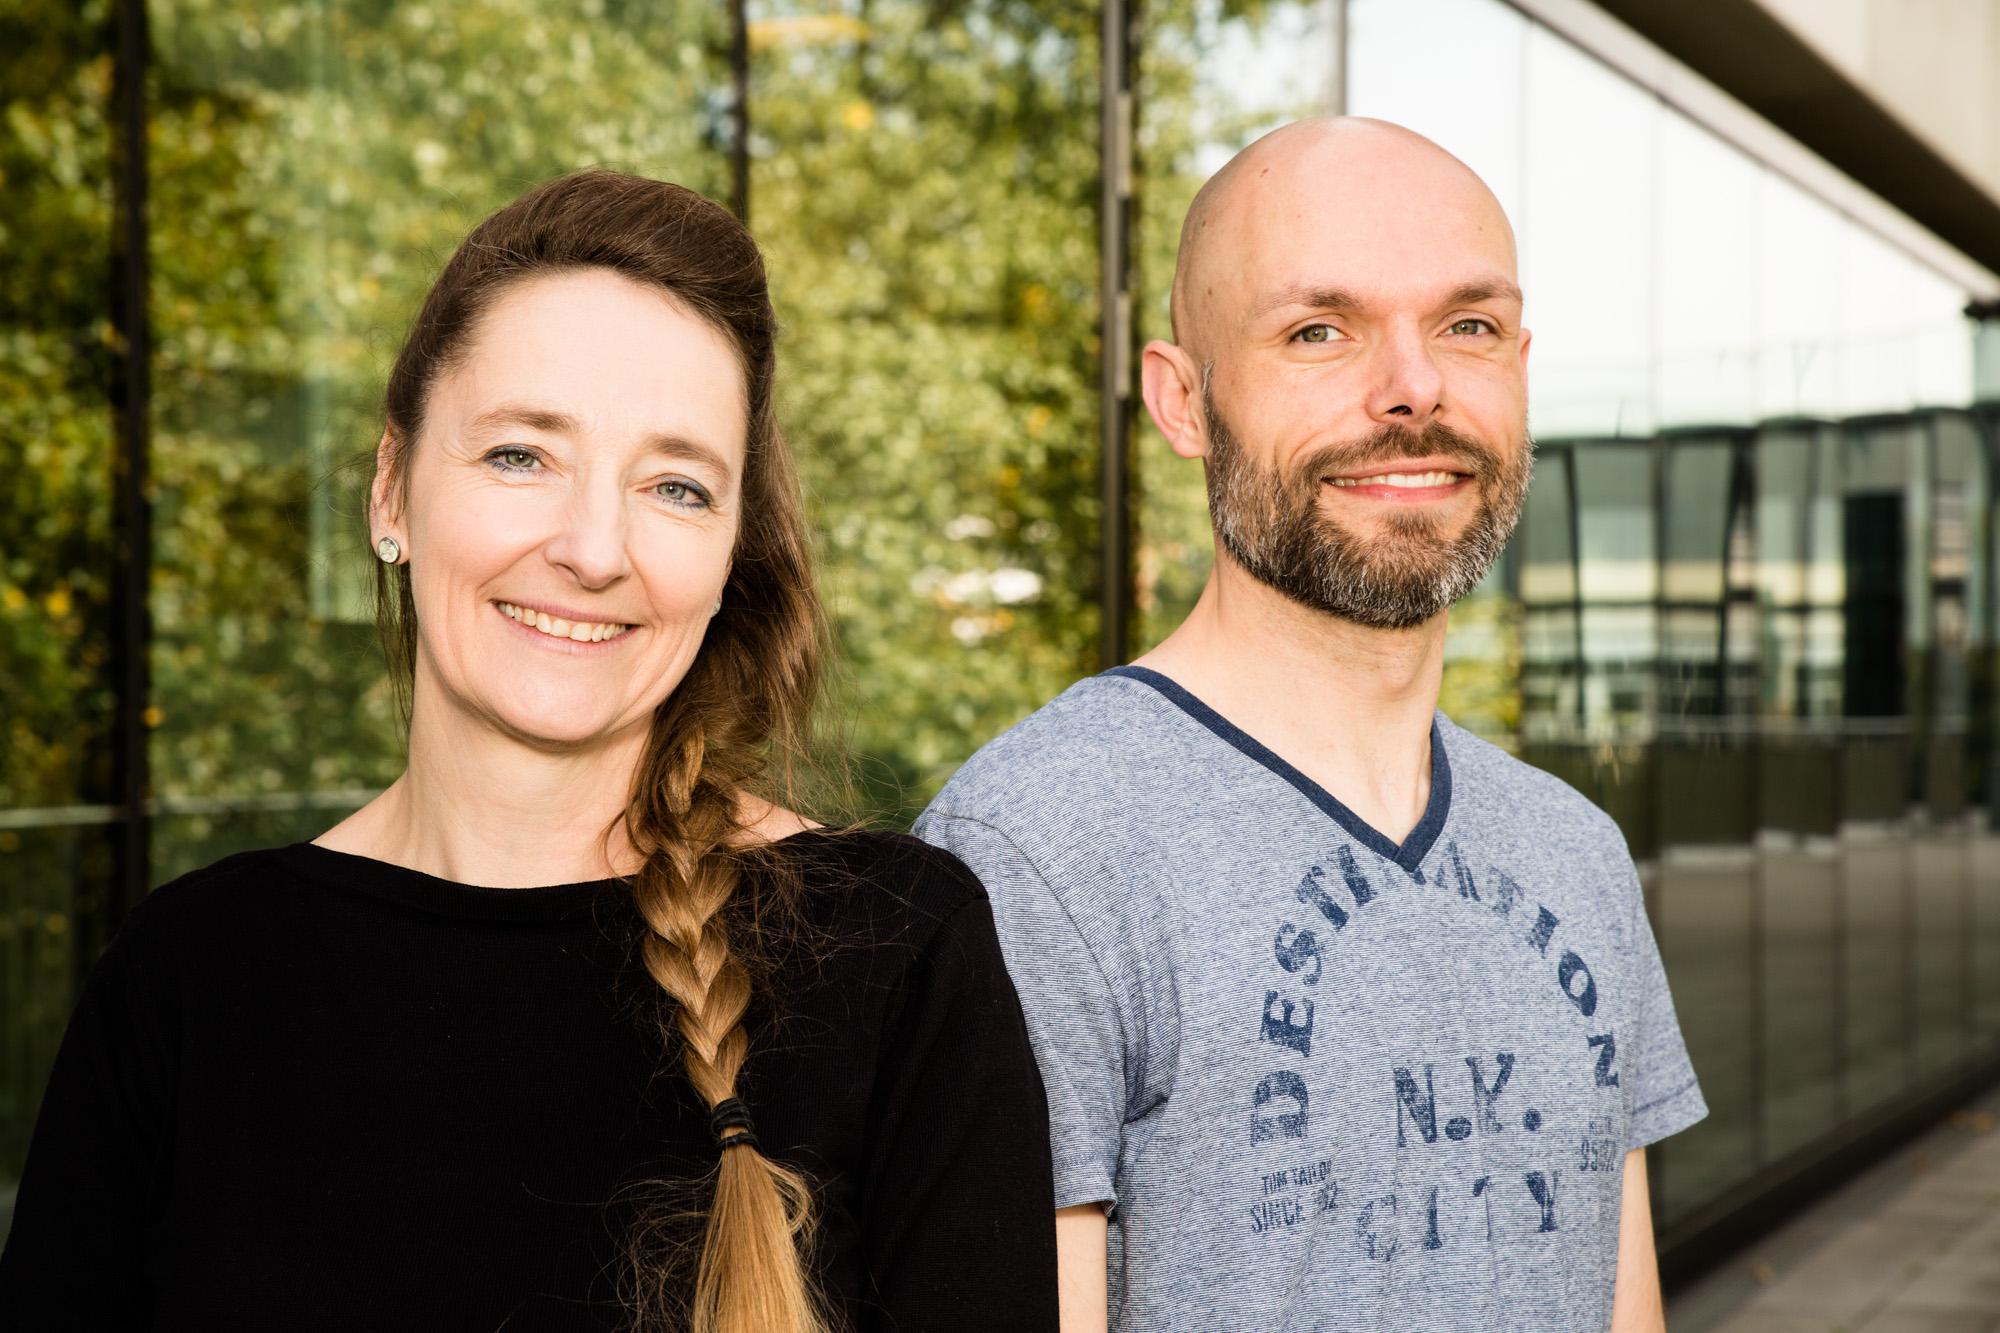 Teamfoto von Lenka Mildner und Thorsten Taplik.